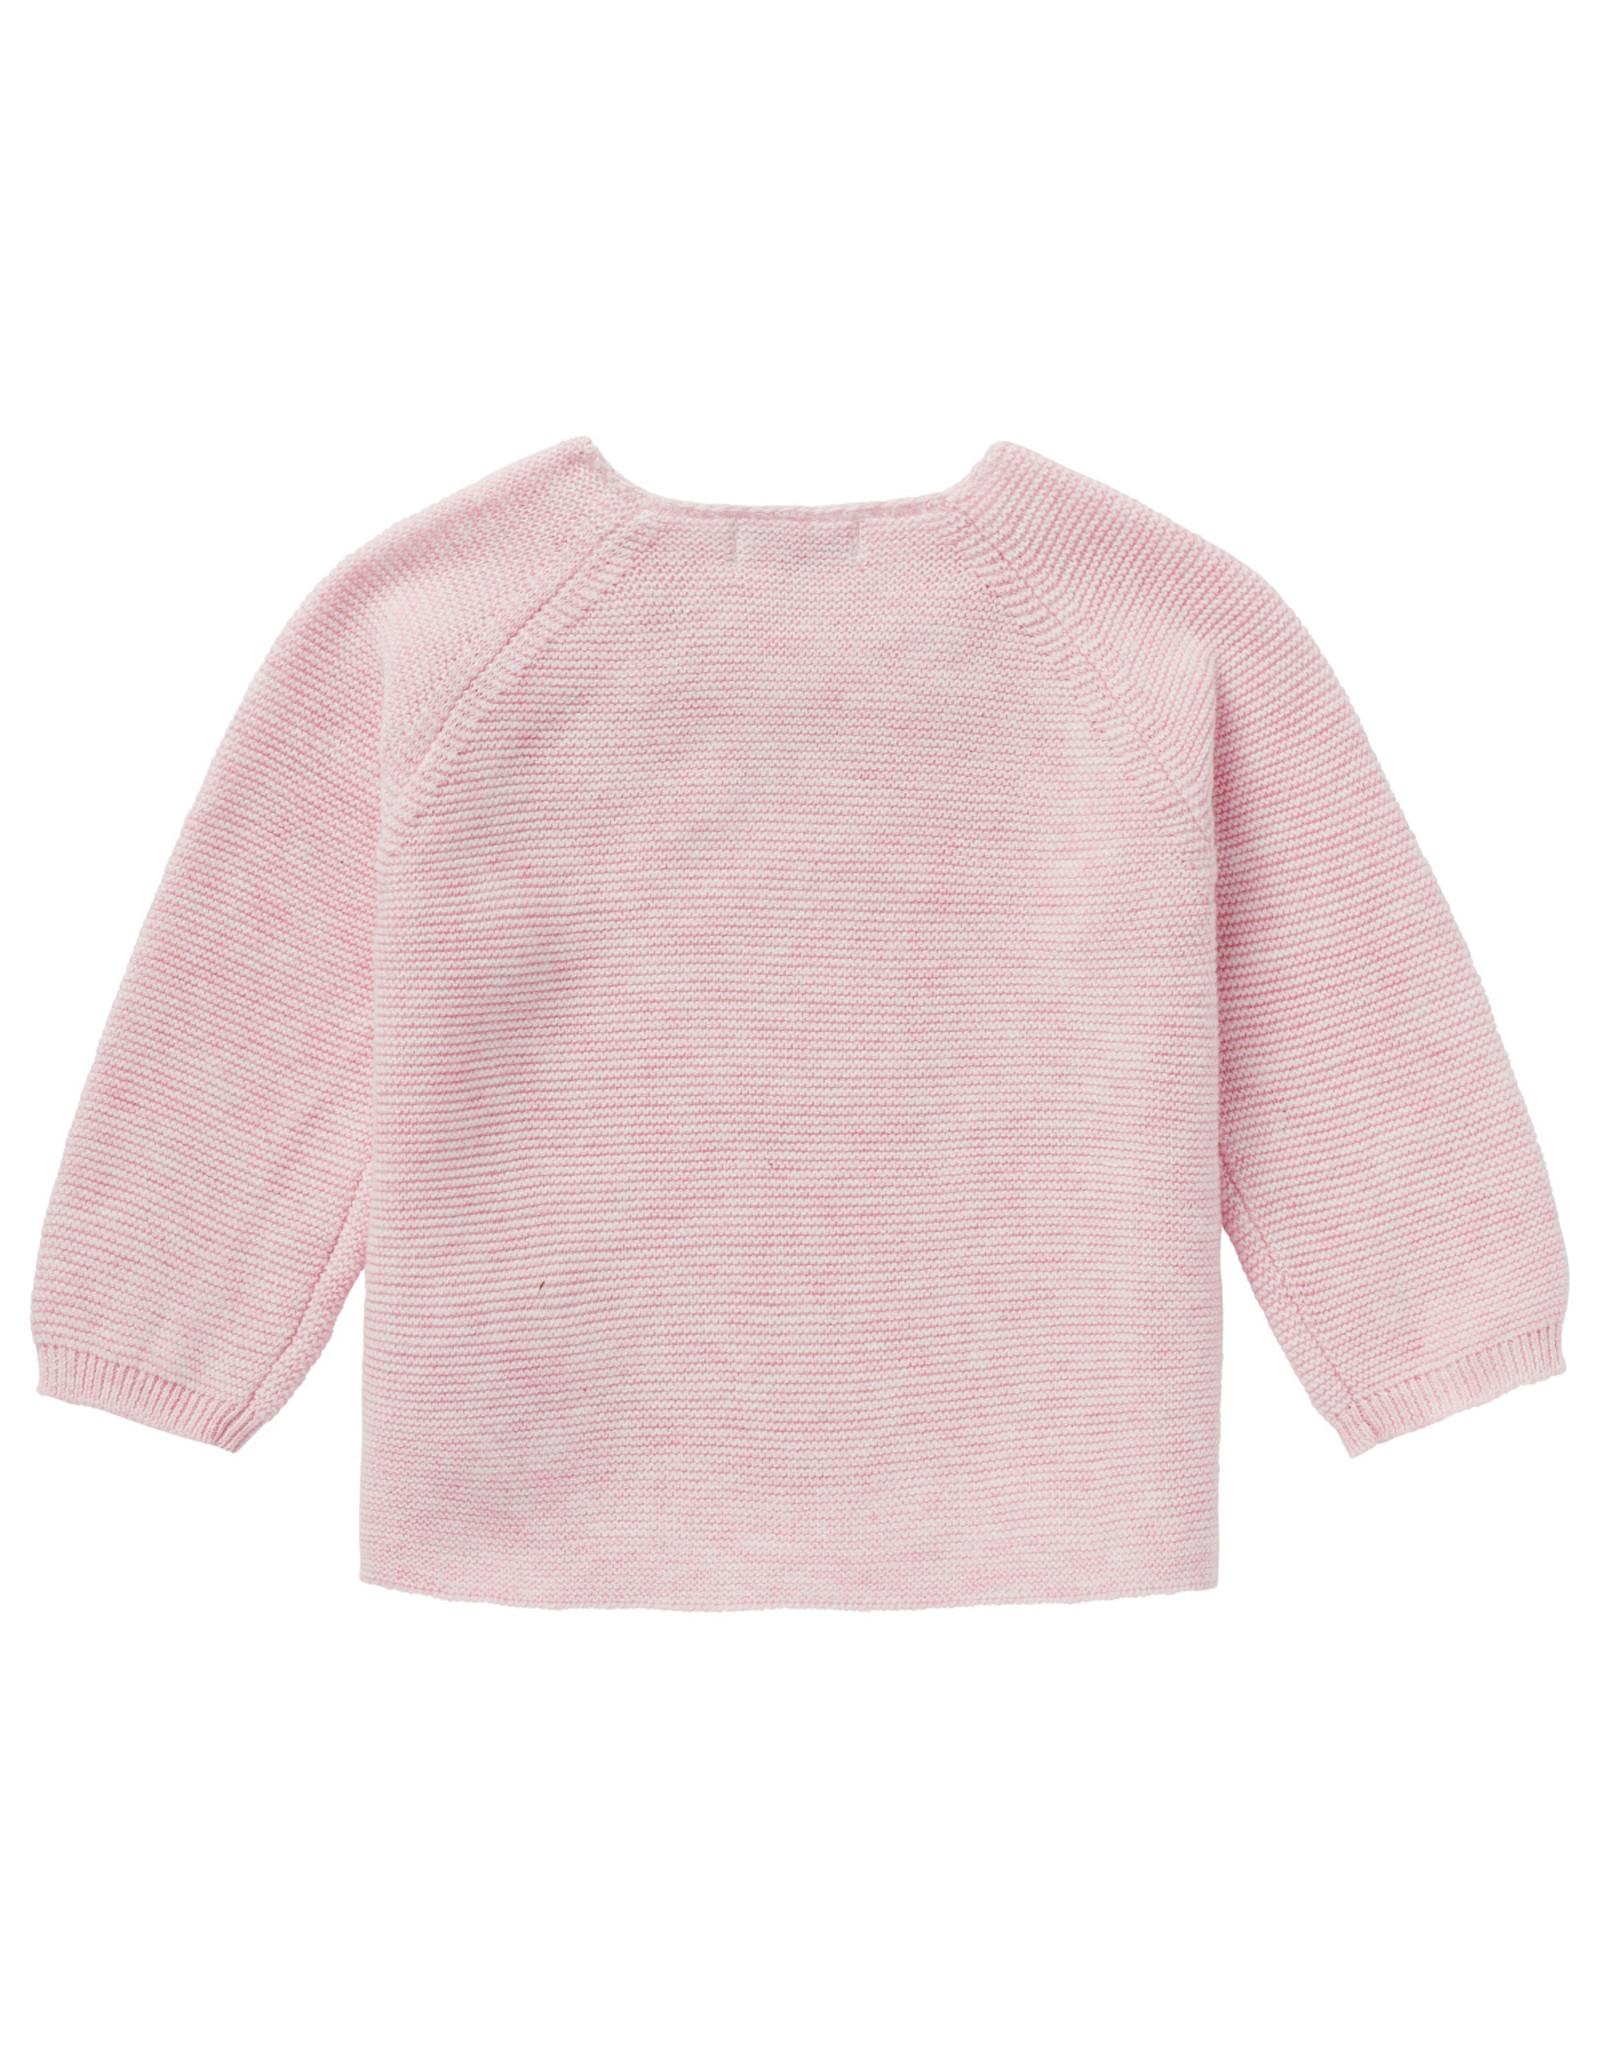 Noppies U Cardigan Knit ls Pino Light Rose Melange